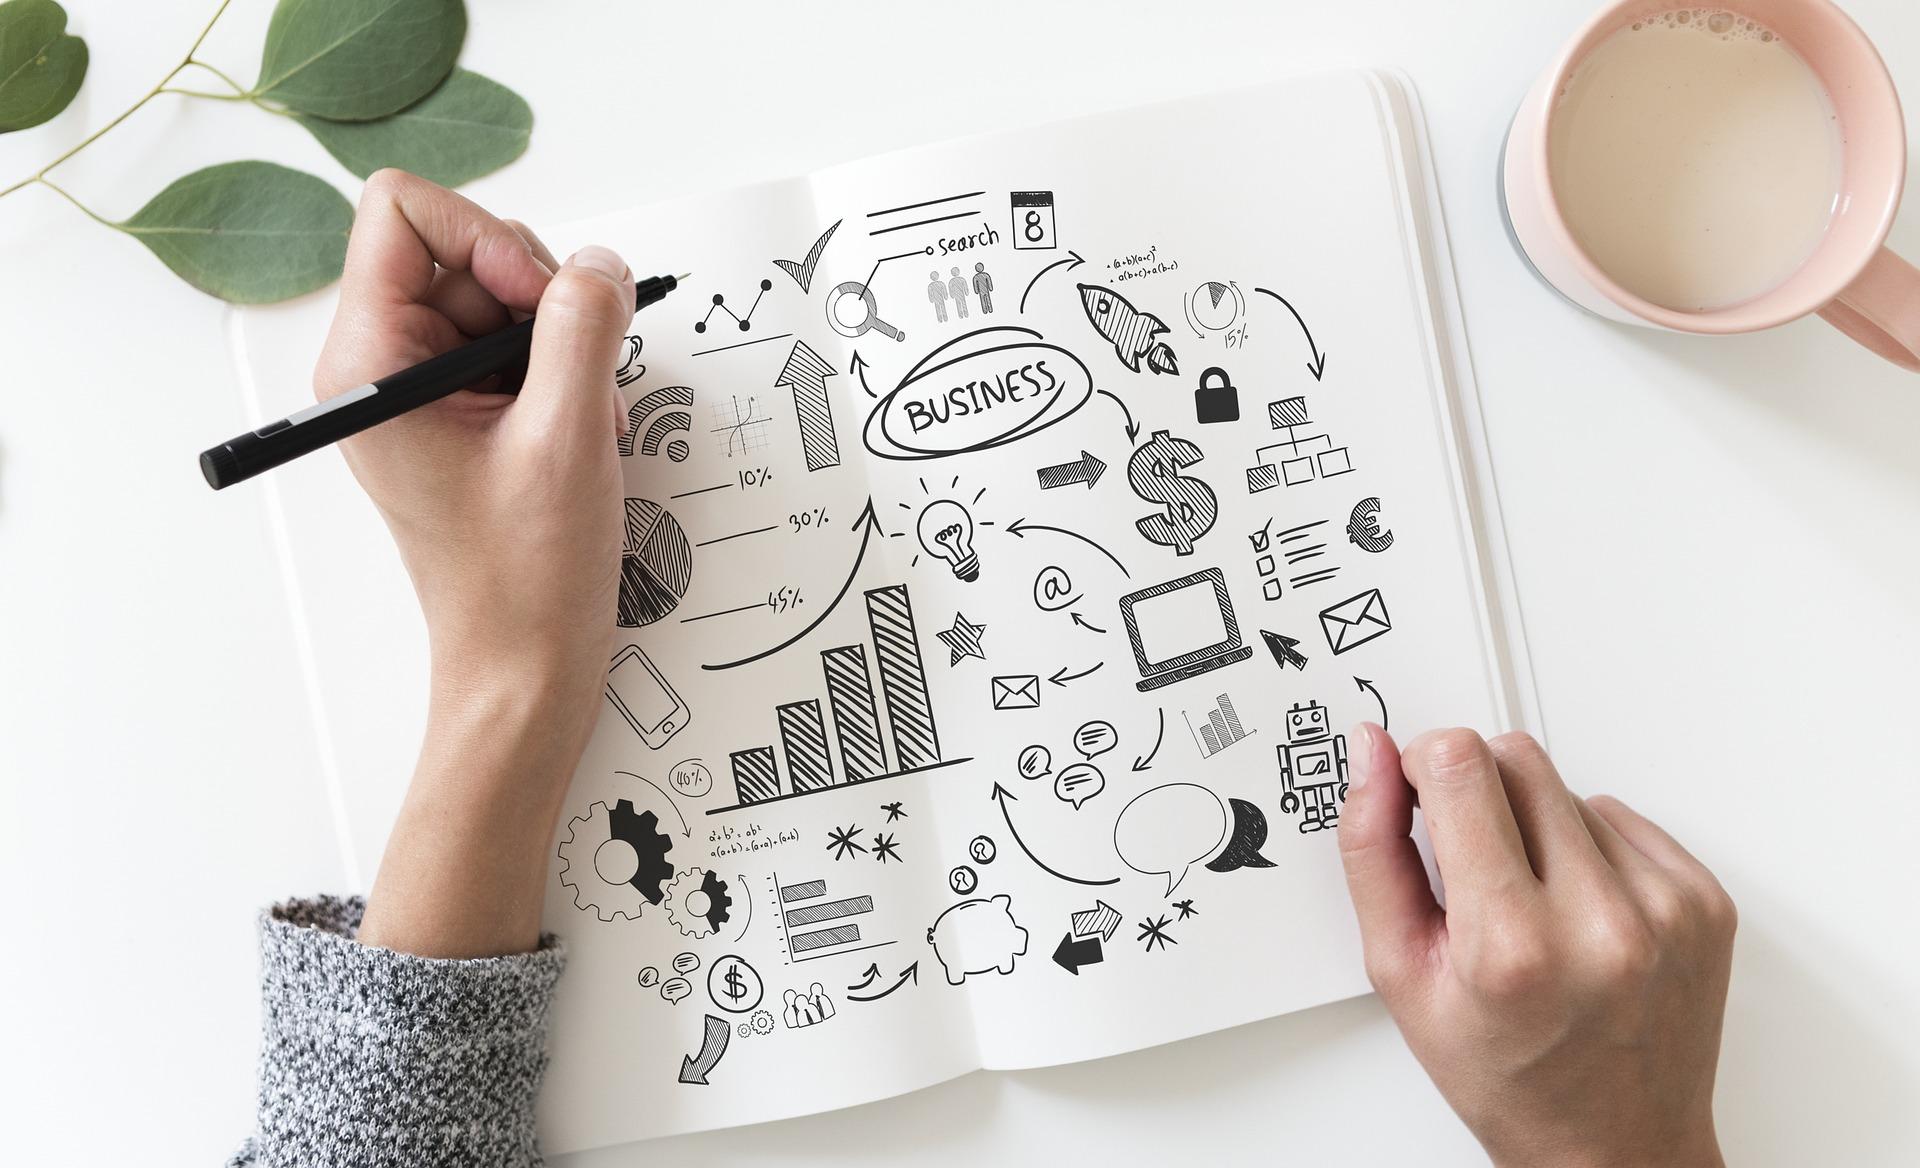 [교육과정] 린캔버스를 활용한 마케팅 기획력 향상